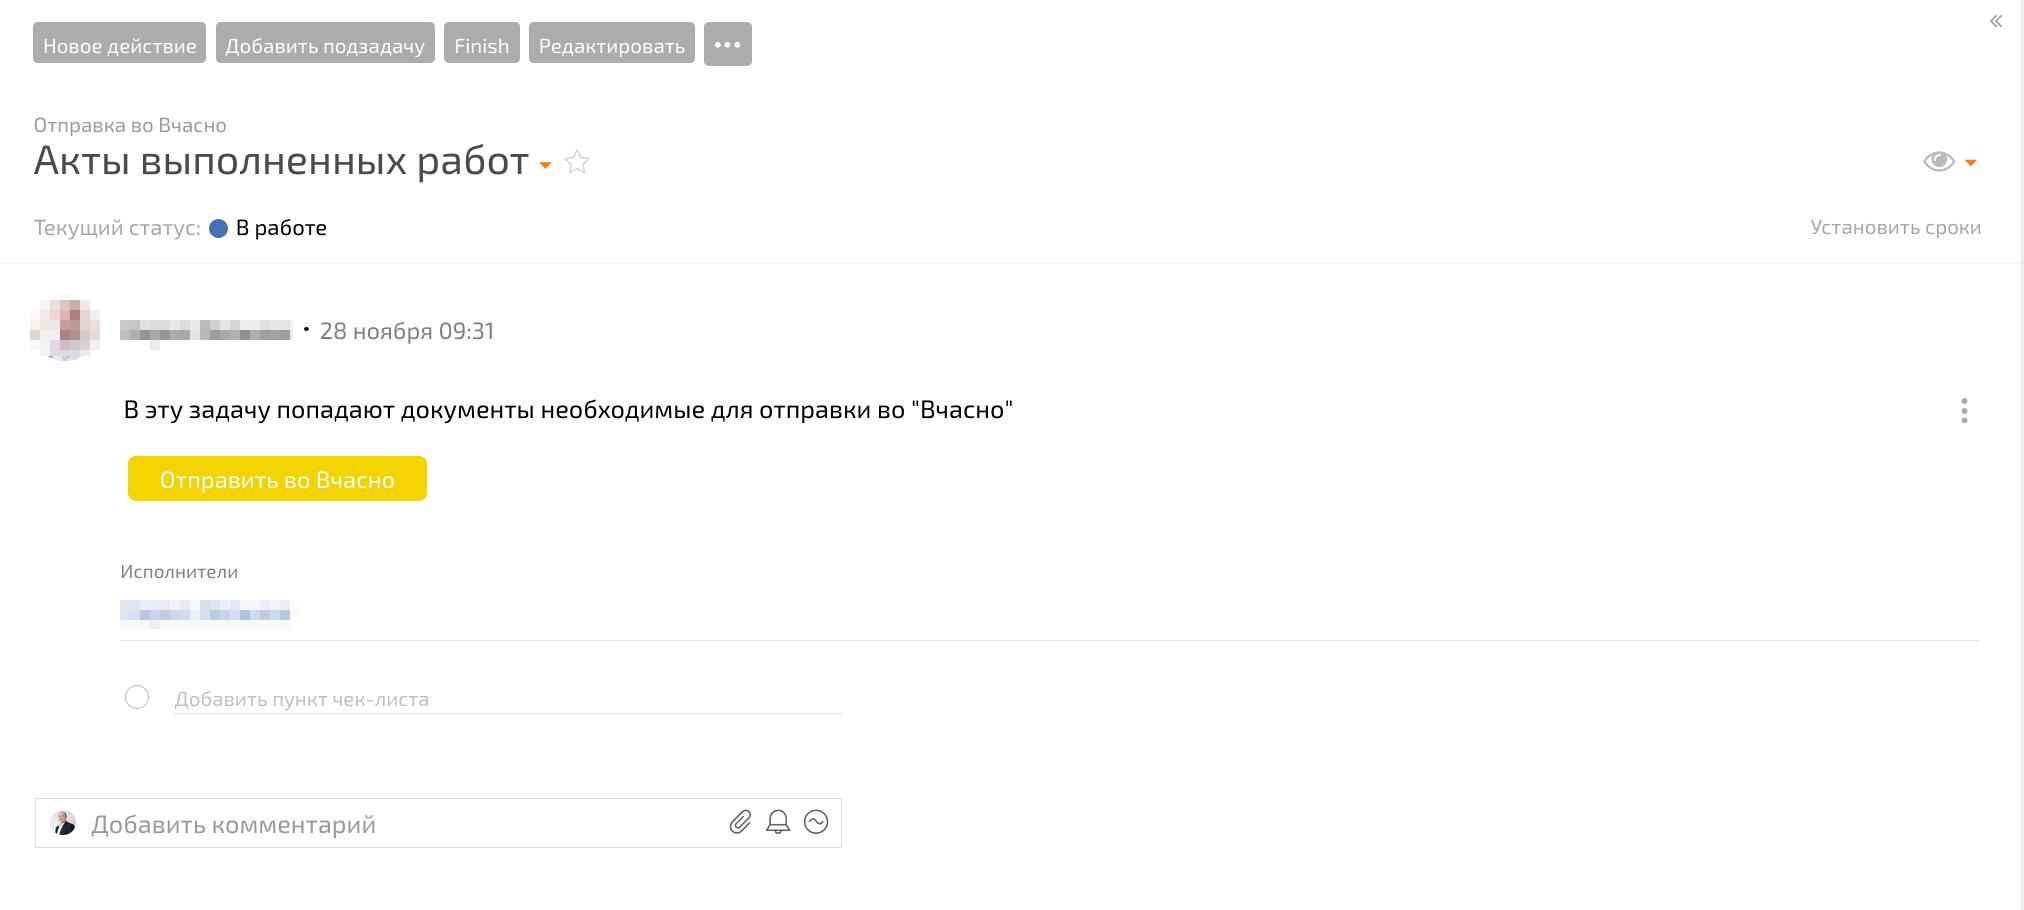 """Отправка документа из ПланФикса в систему электронного документооборота """"Вчасно"""""""